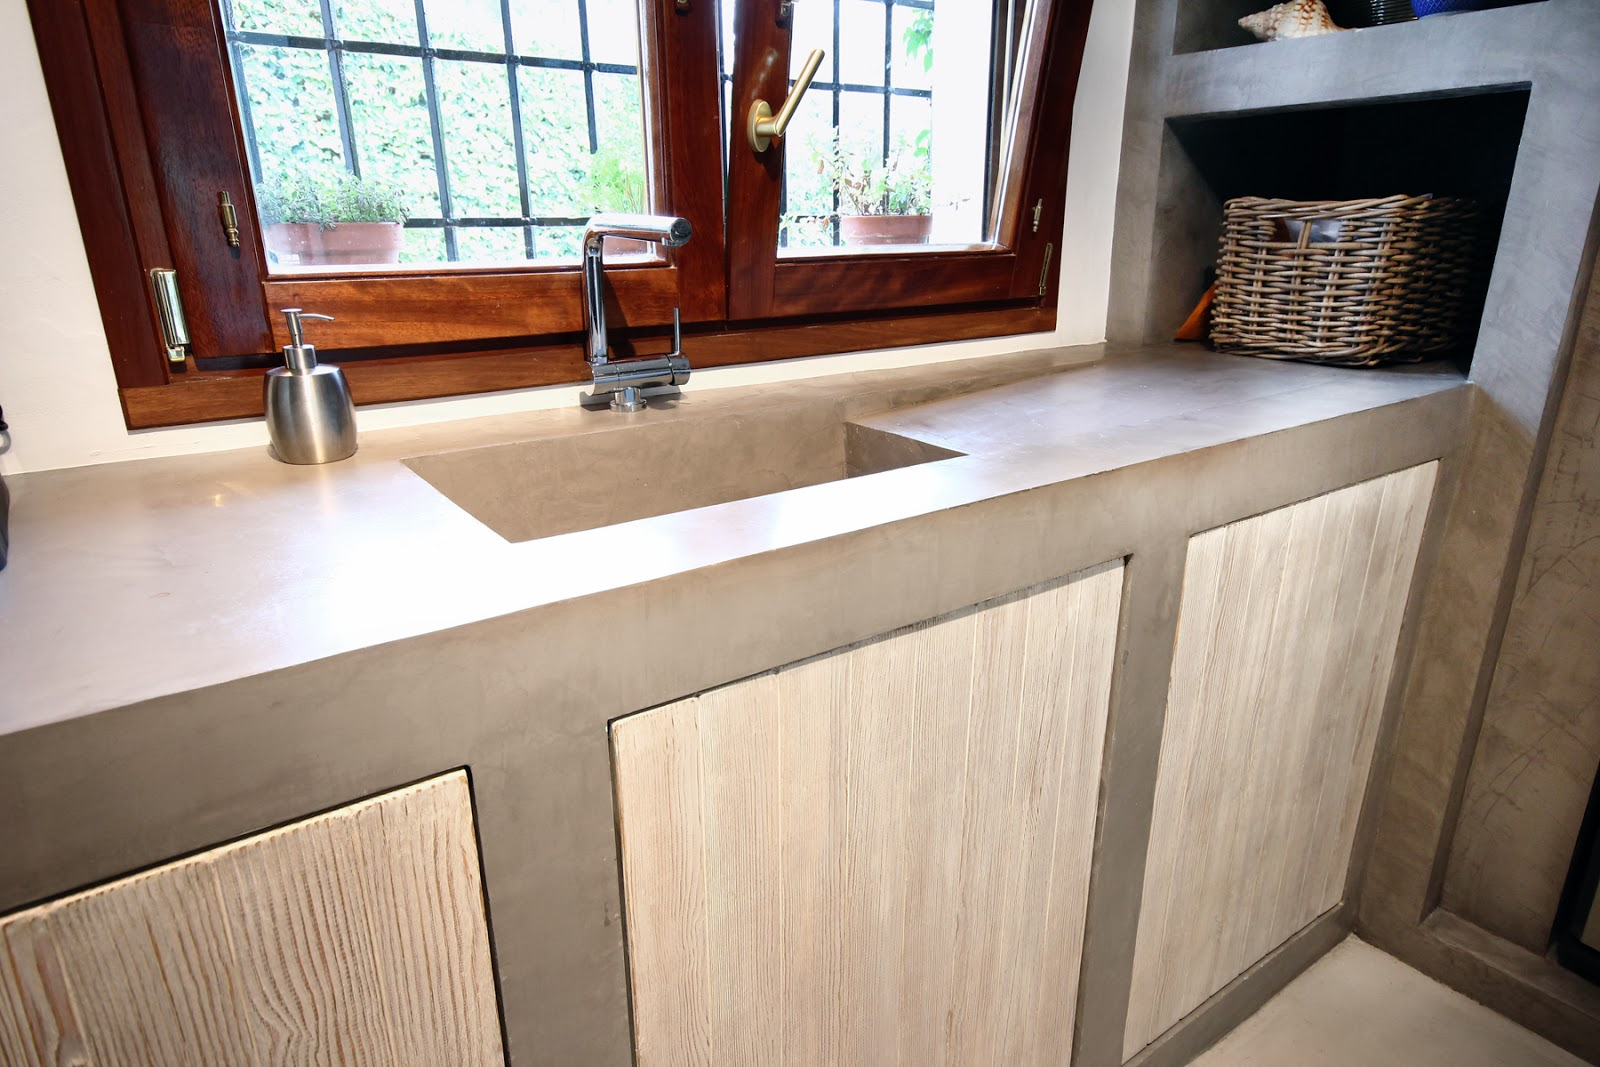 Pavimentos de dise o muebles de microcemento for Muebles microcemento